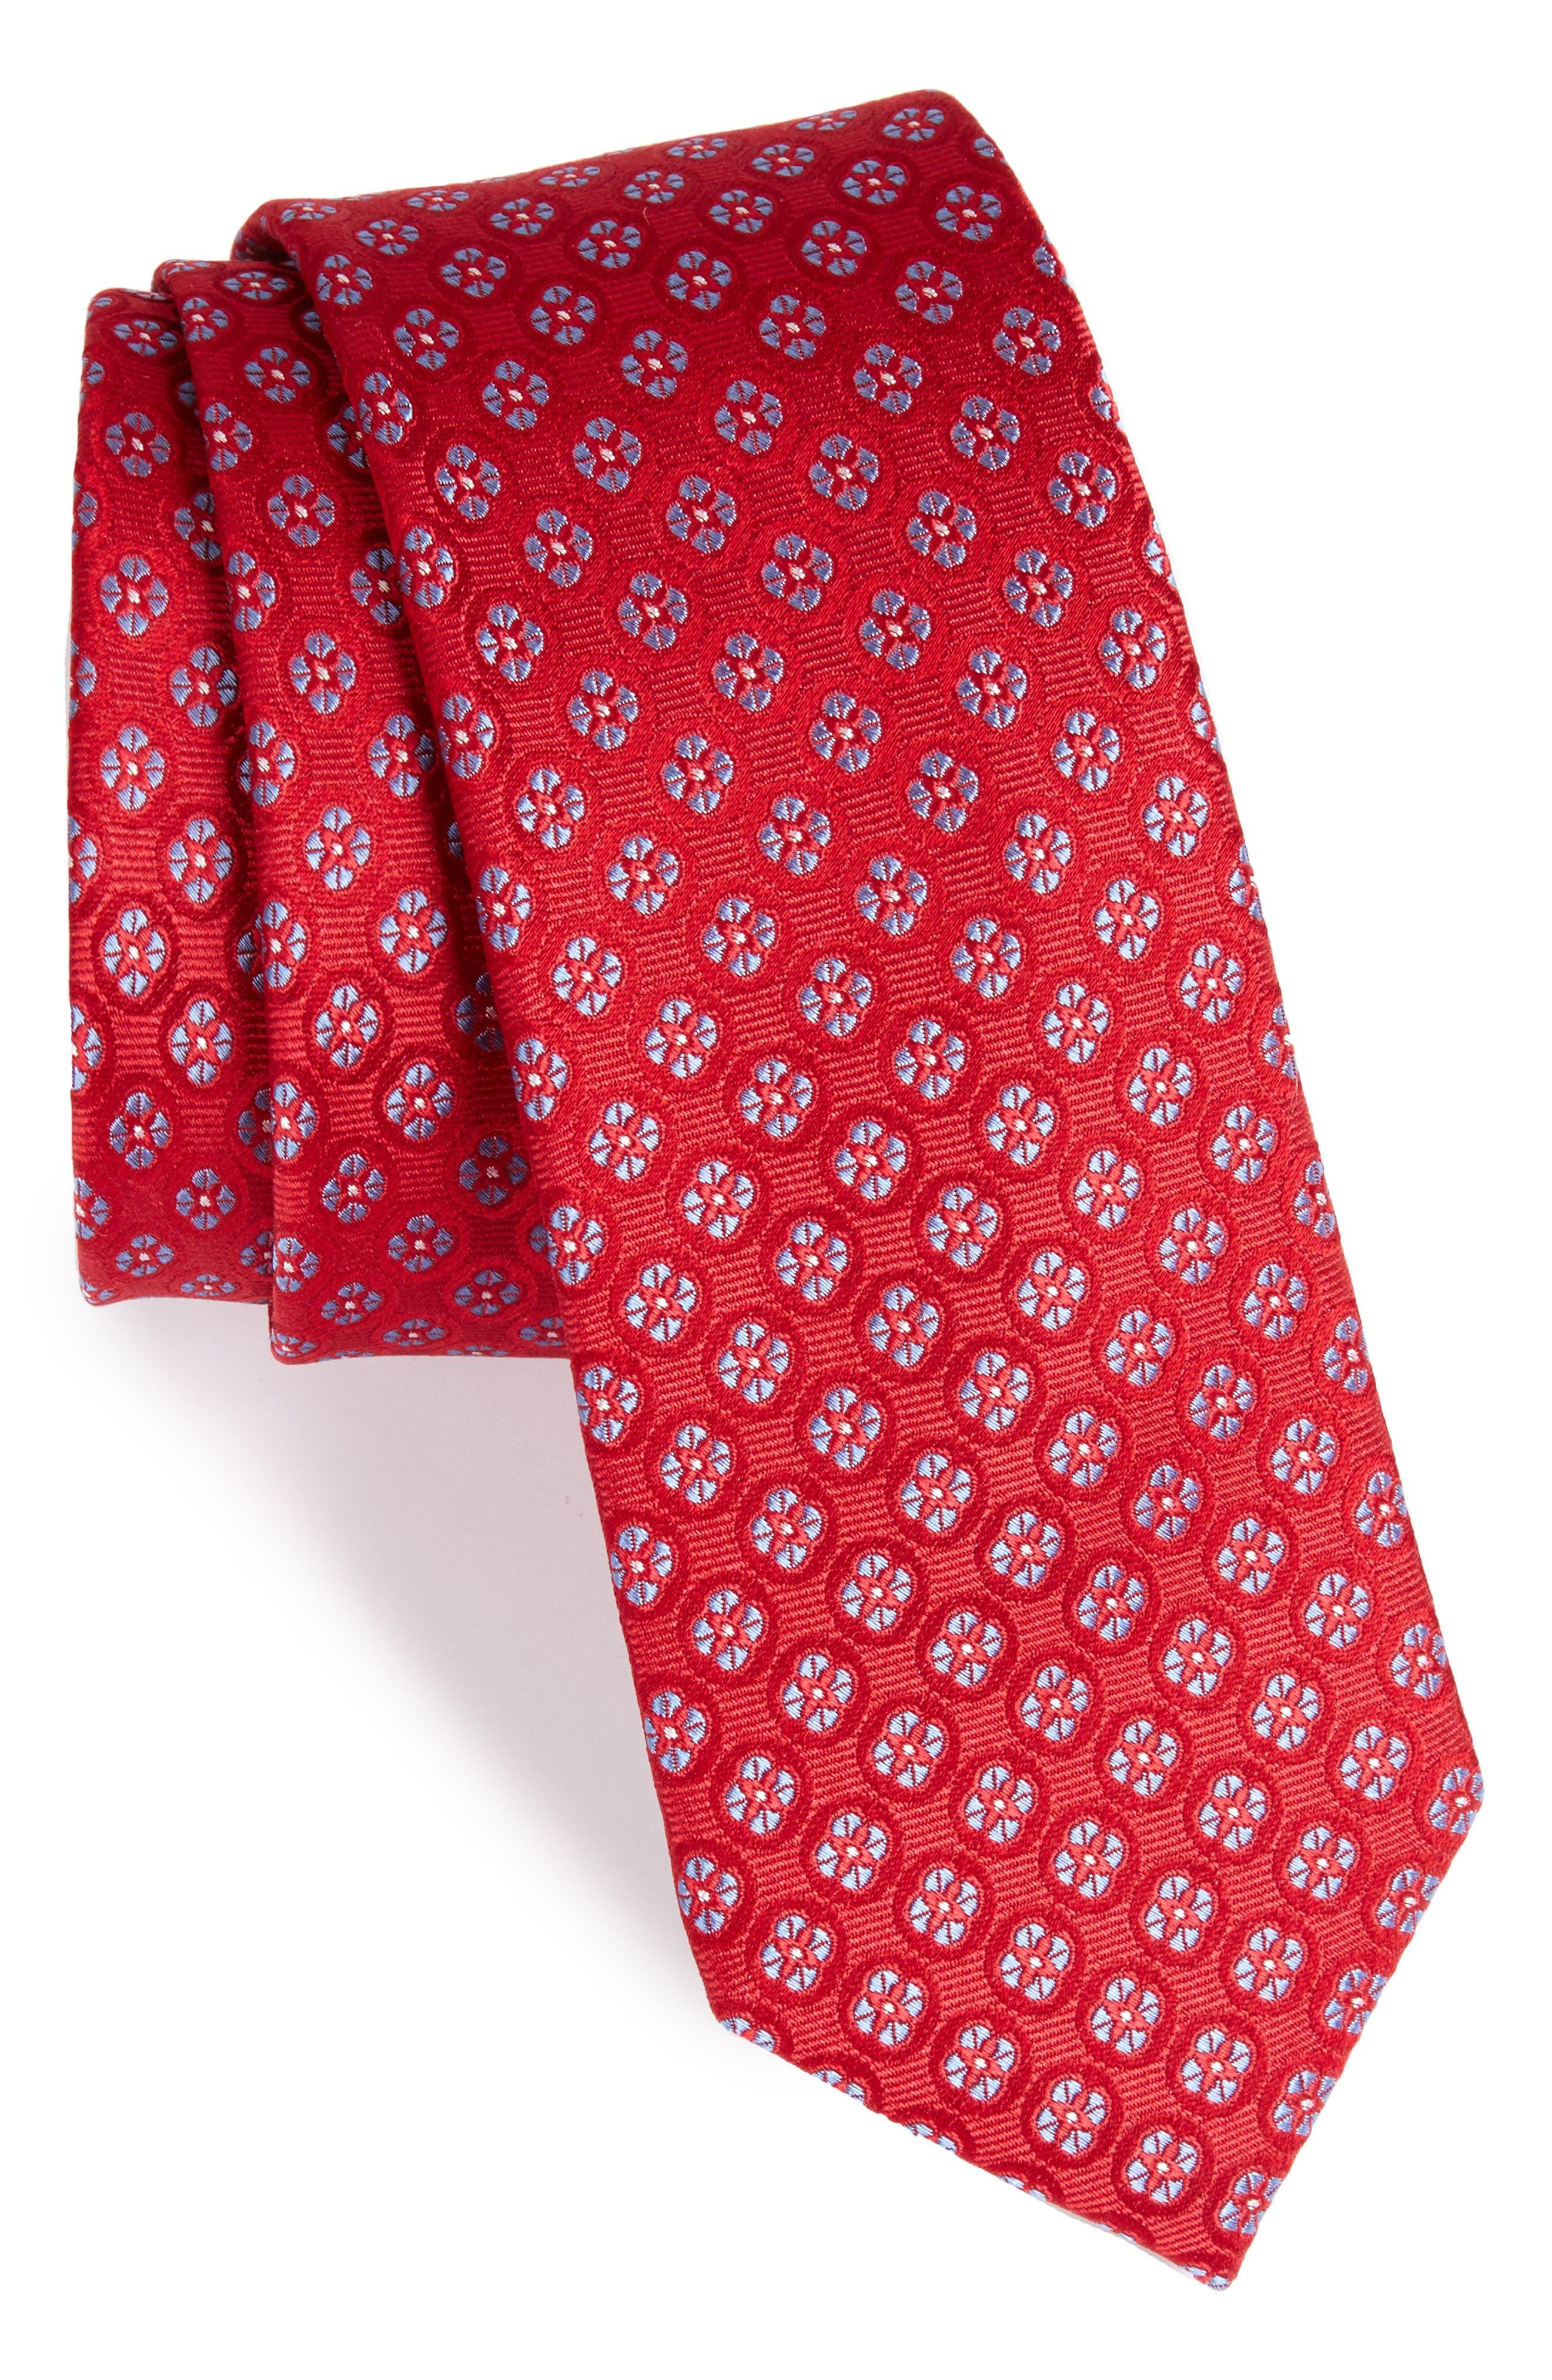 The Tie Bar Bedrock Floral Silk Tie